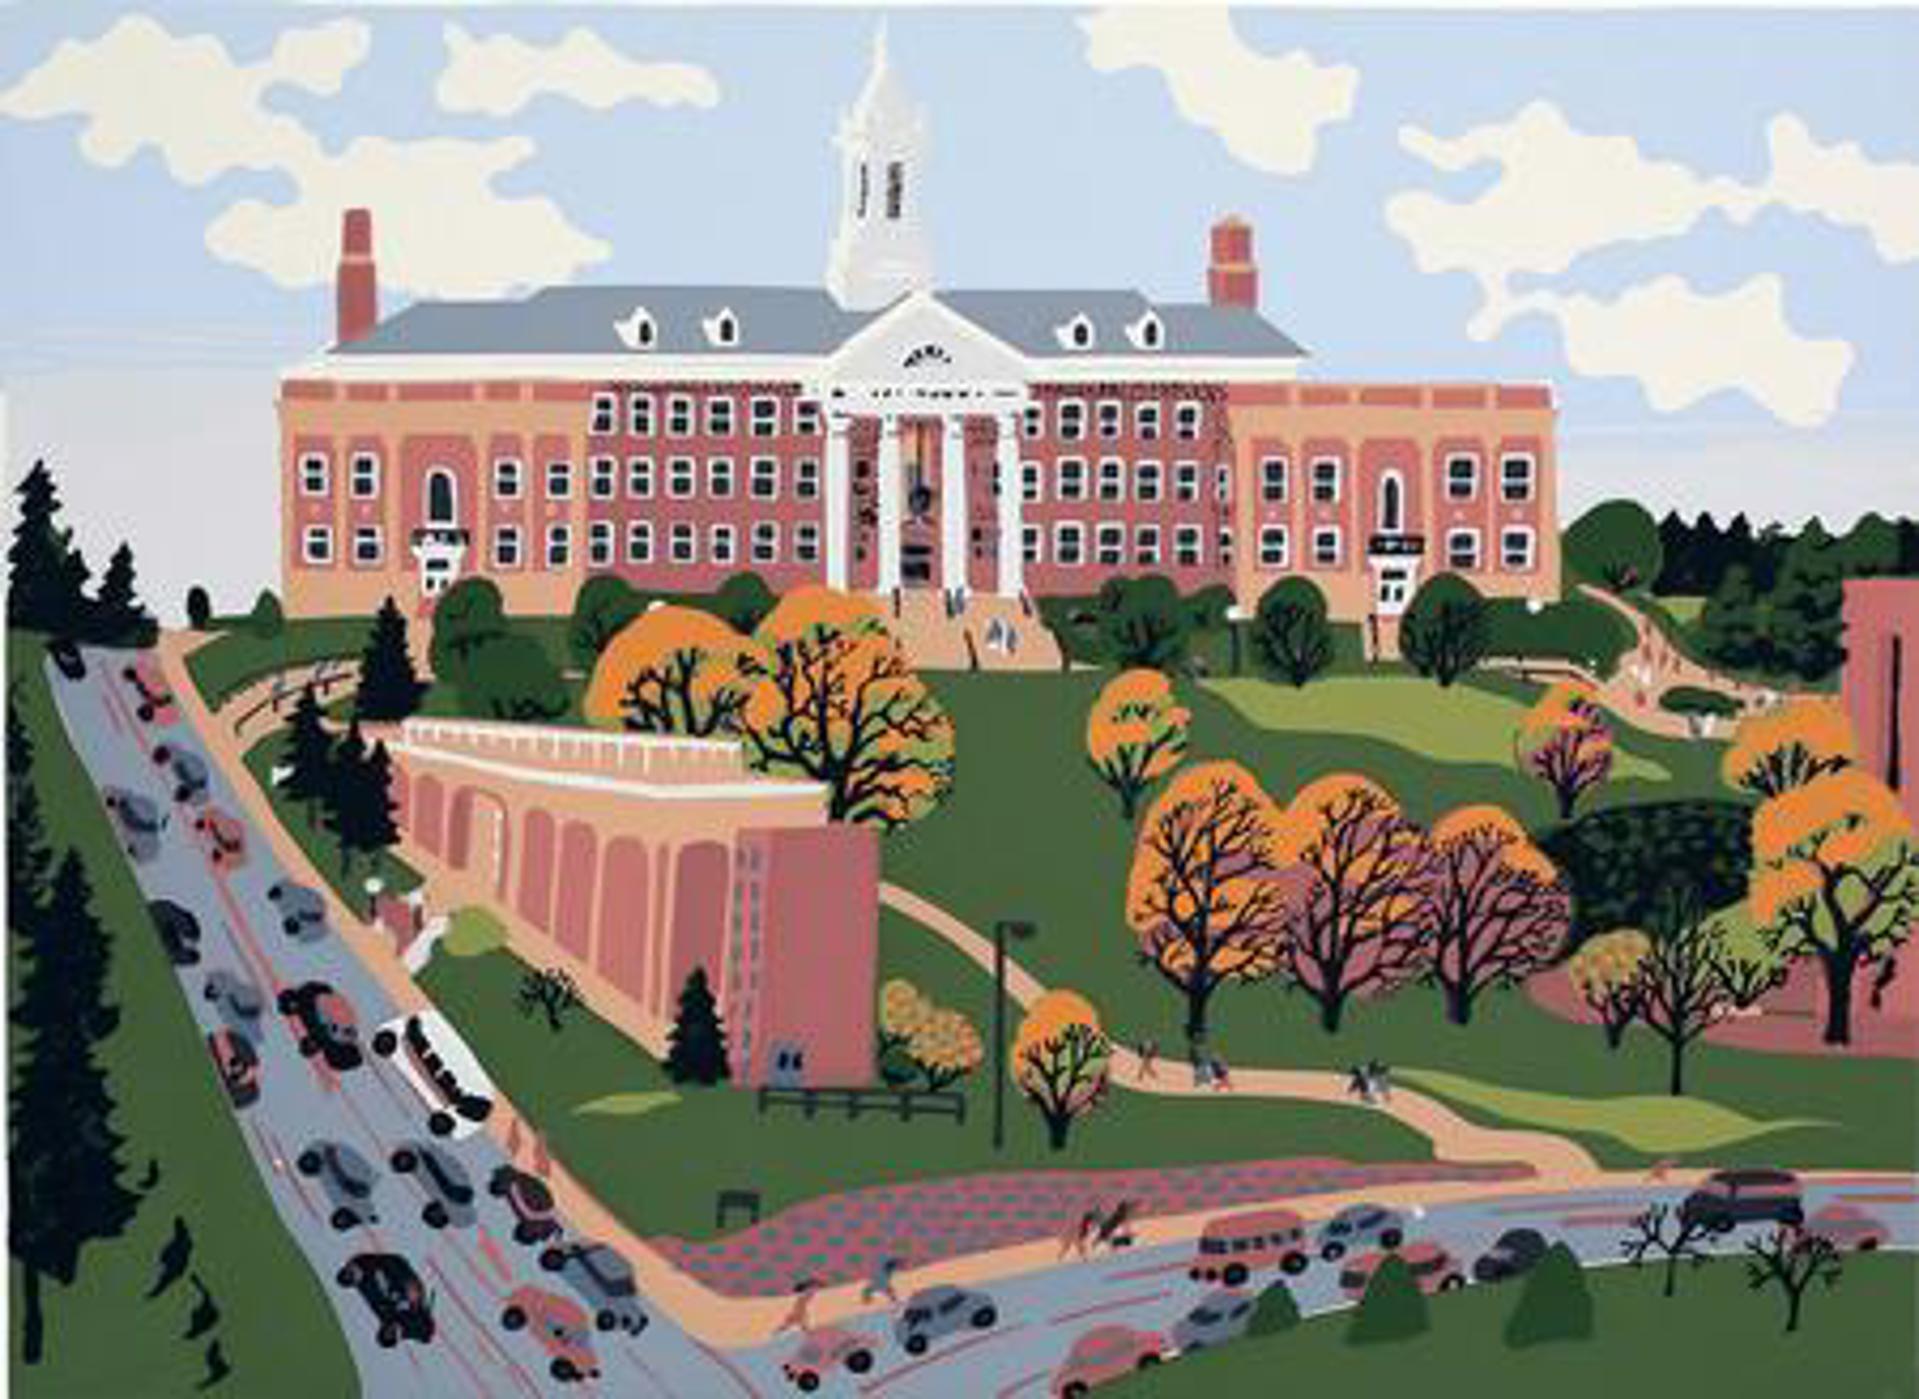 Warm October Day at University of Nebraska Omaha by Judith Welk